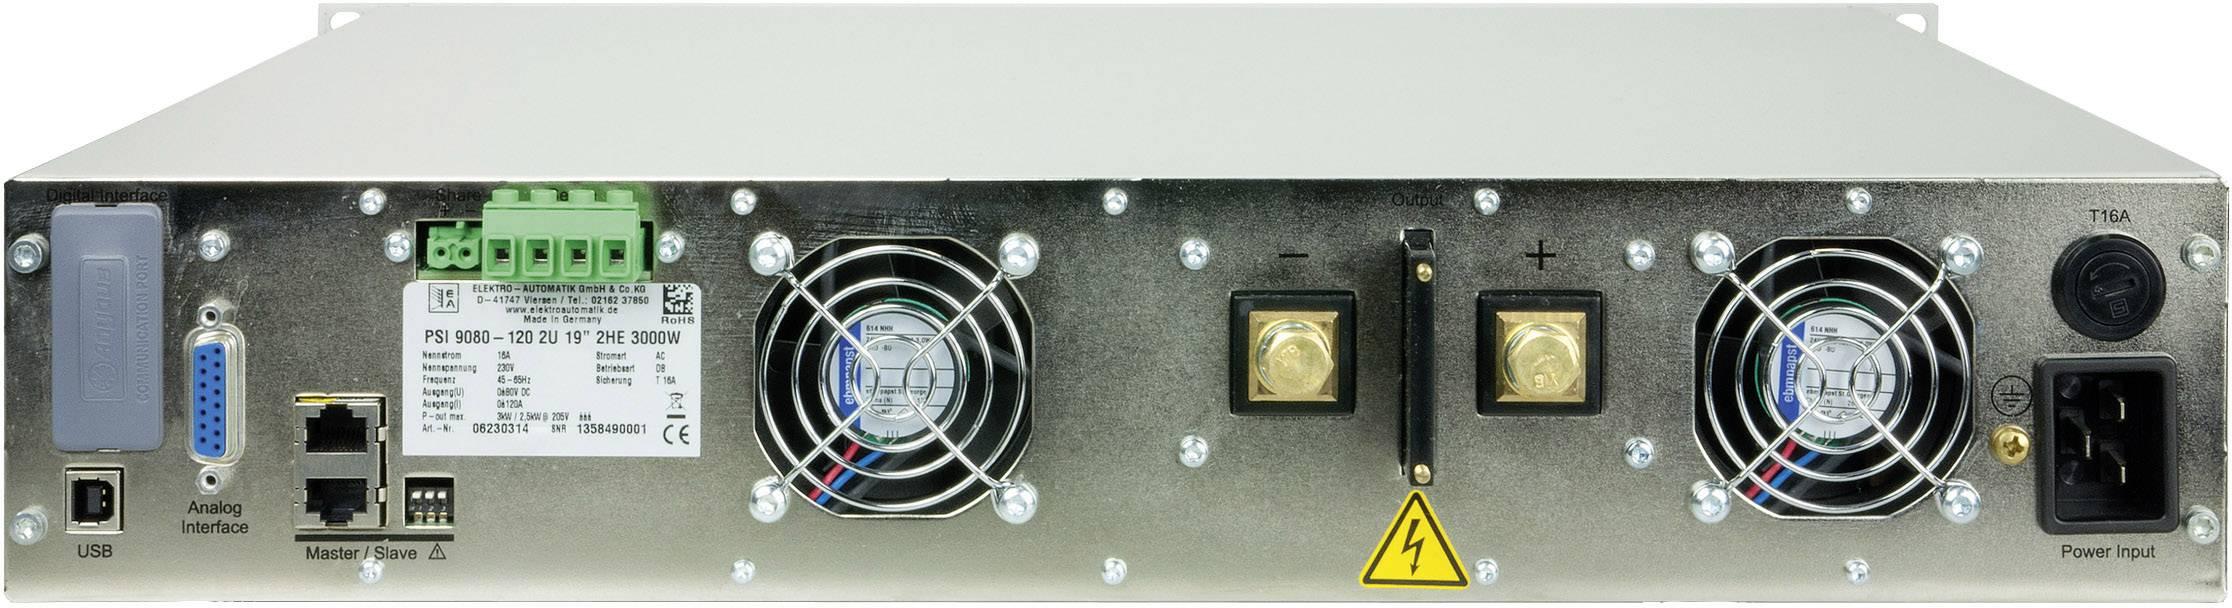 Programovateľný laboratórny zdroj EA EA-PSI 9080-40, 2U, 80 V, 40 A, 1000 W, USB